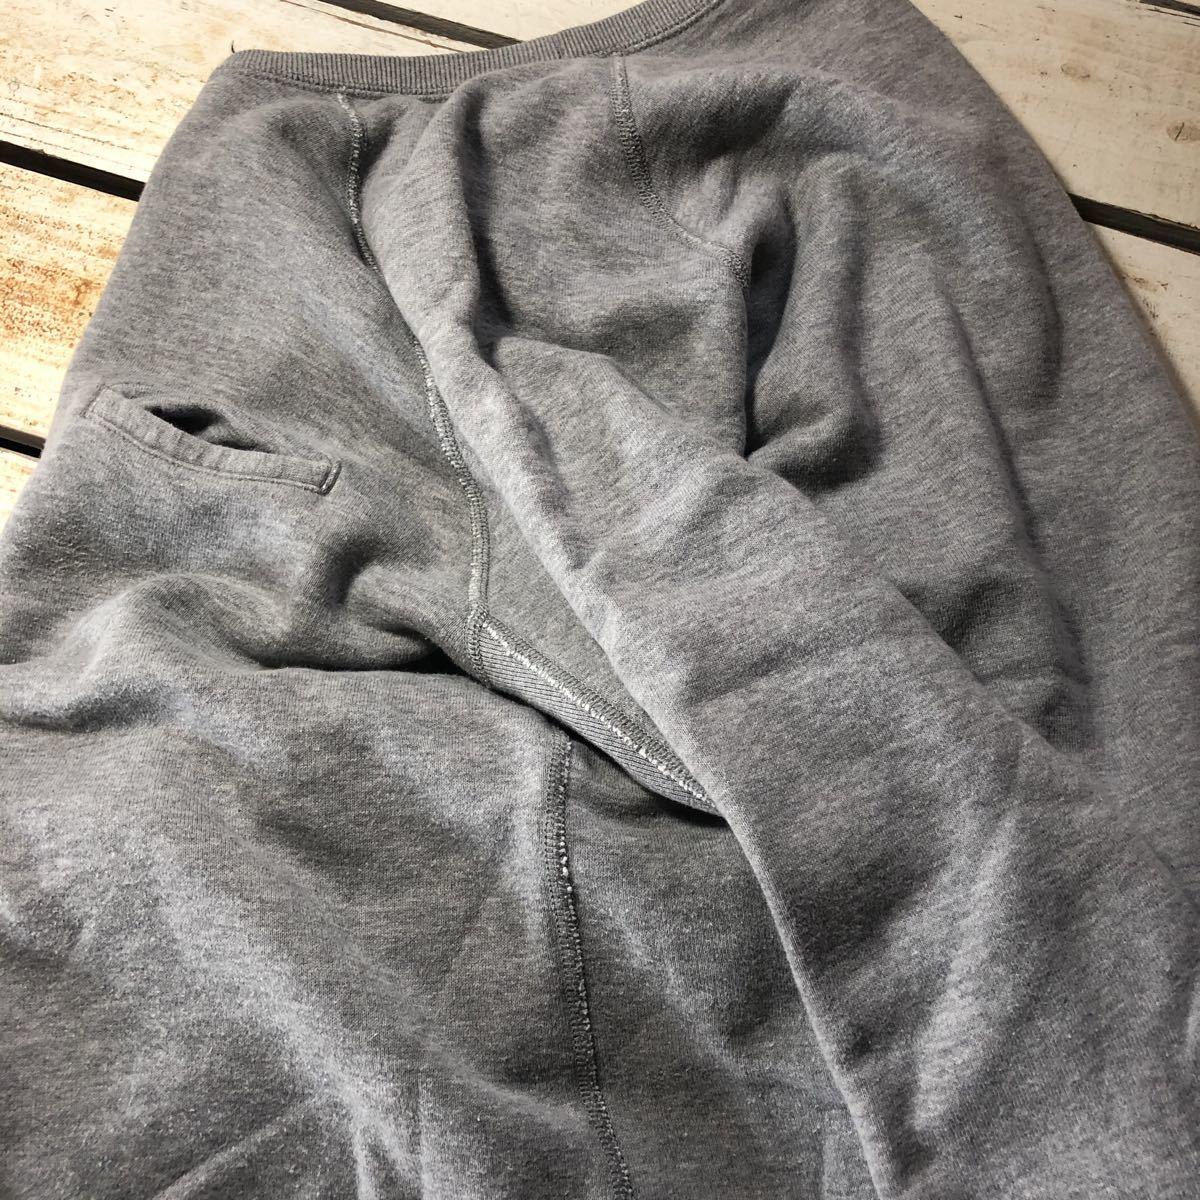 希少 良品 ループウィラー LOOPWHEELER Vガゼット 霜降りグレー スウェット プルオーバー L 無地 胸ポケット コットン 日本製_画像6